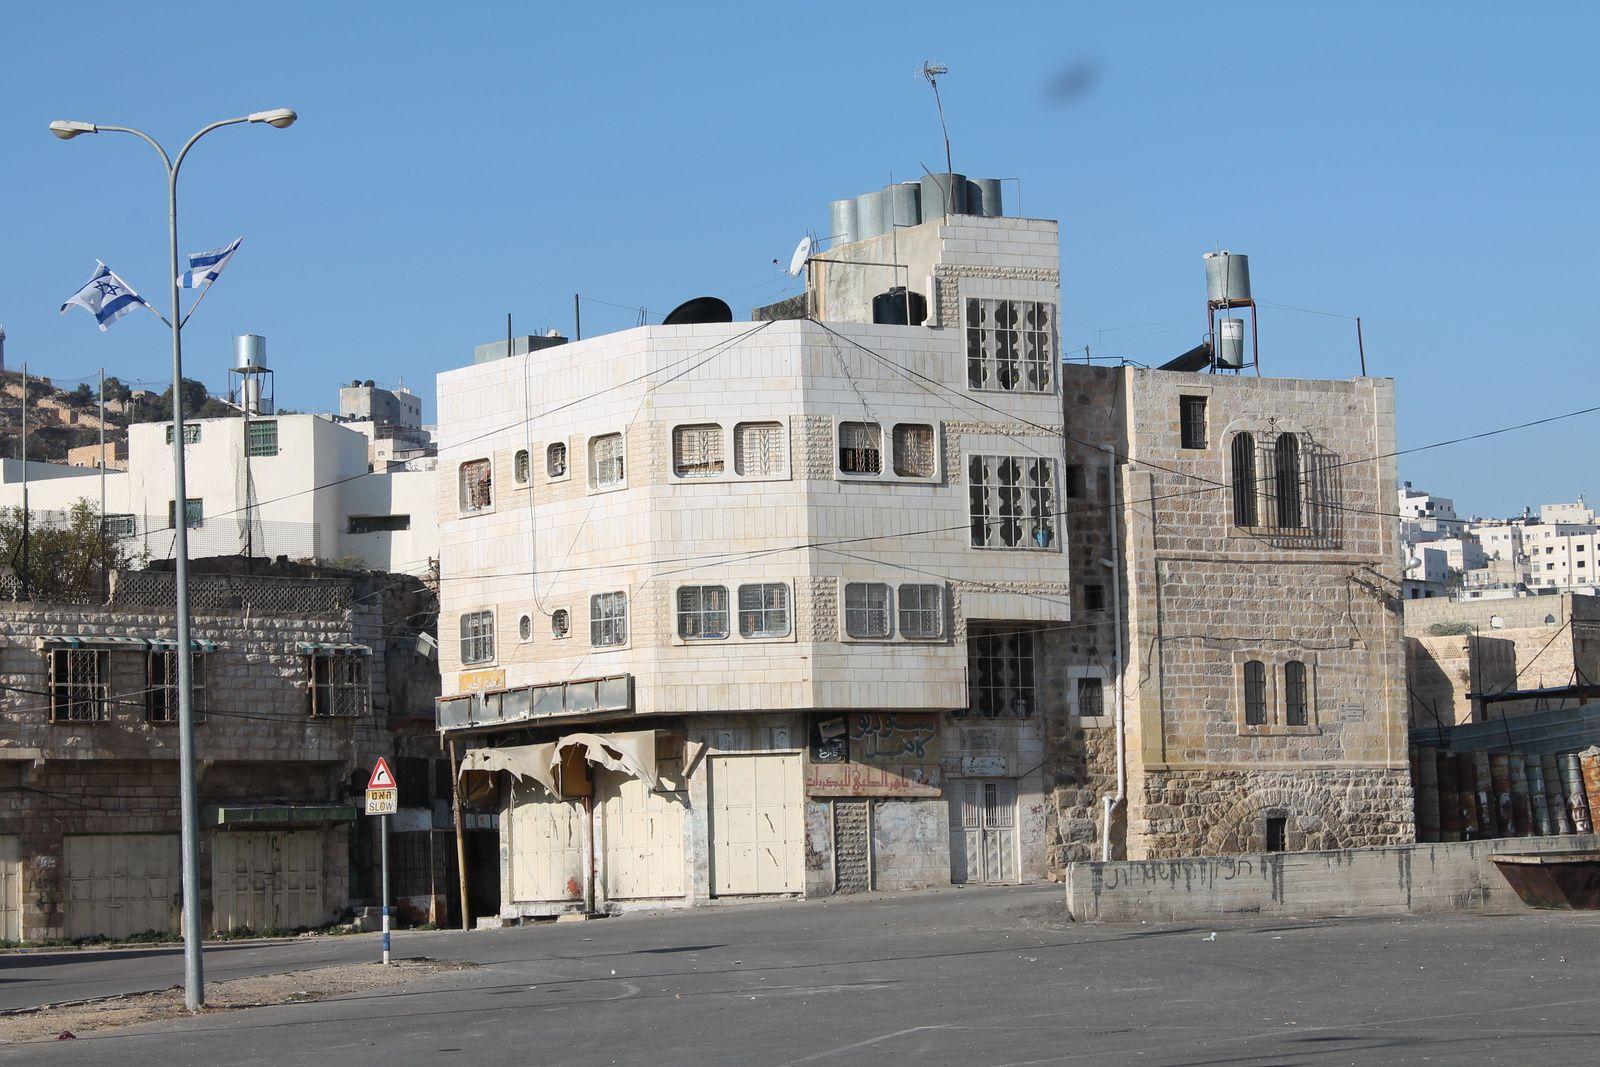 L'immeuble à l'avant-plan était occupé par des familles palestiniennes. Il est vide aujourd'hui et les grillages des fenêtres ont été soudés pour que personne ne puisse plus y pénétrer.